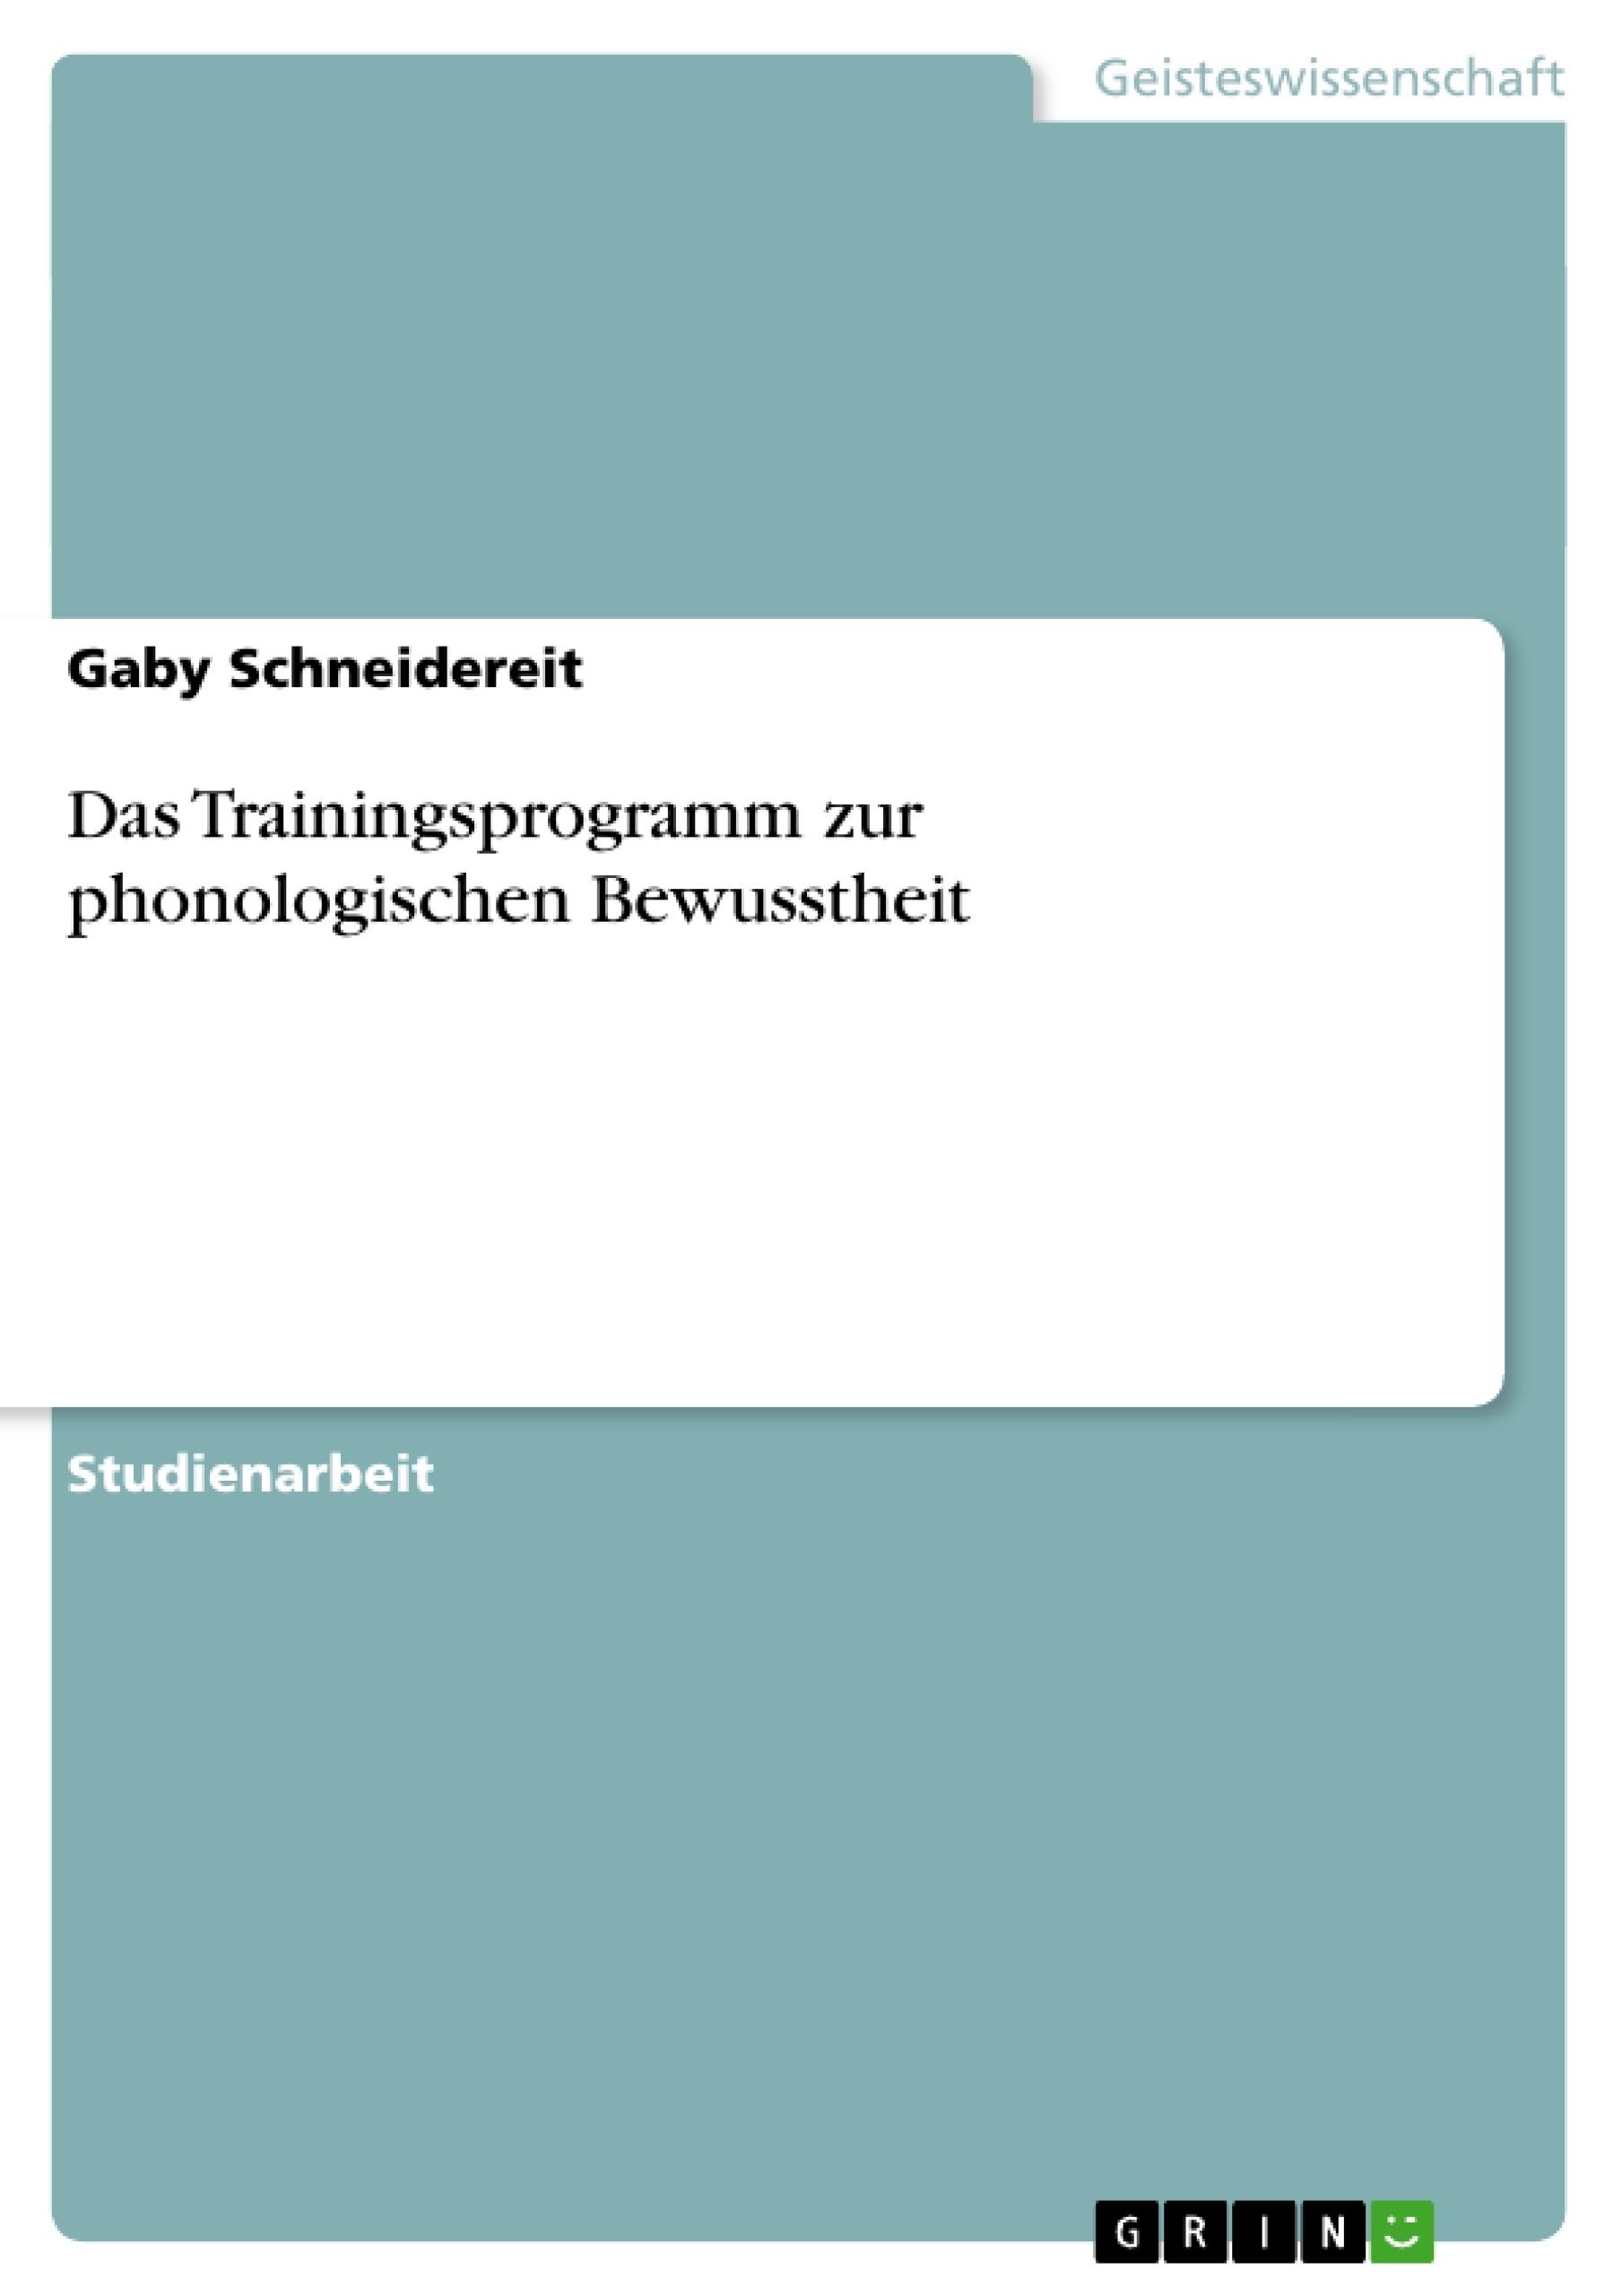 Titel: Das Trainingsprogramm zur phonologischen Bewusstheit